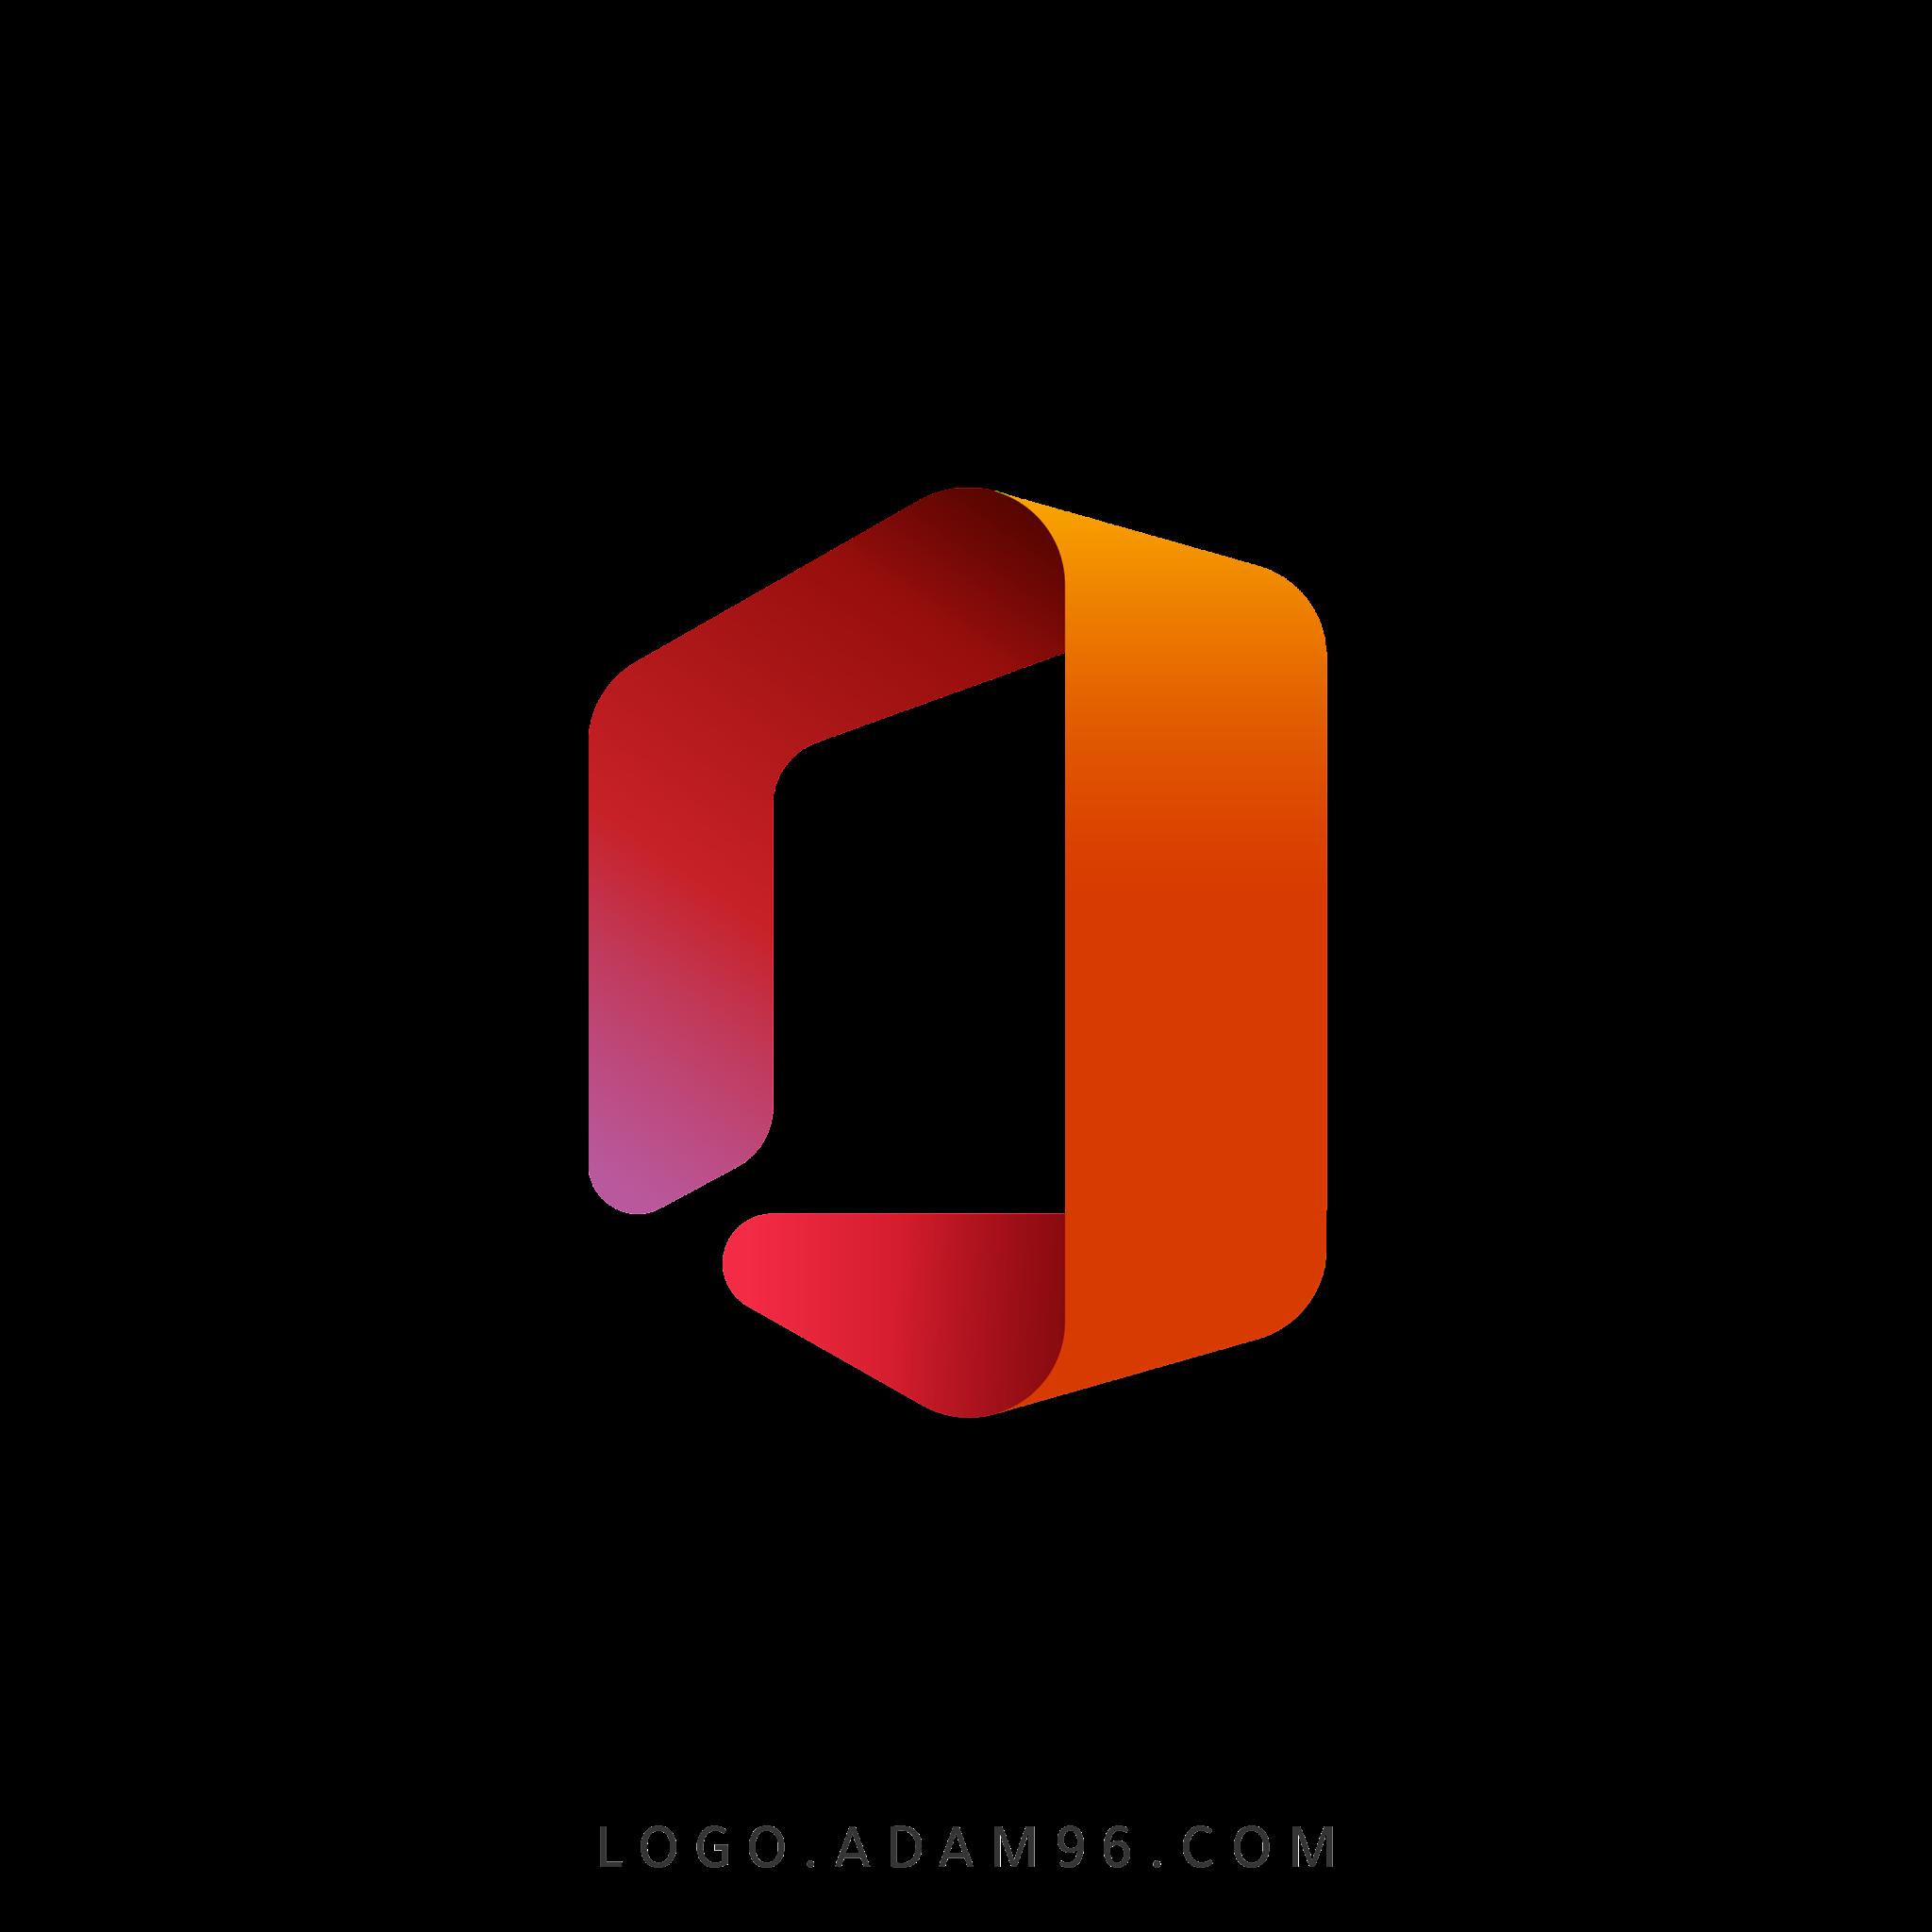 تحميل شعار مايكروسوفت أوفيس لوجو رسمي عالي الدقة بصيغة شفافة Logo Microsoft Office PNG